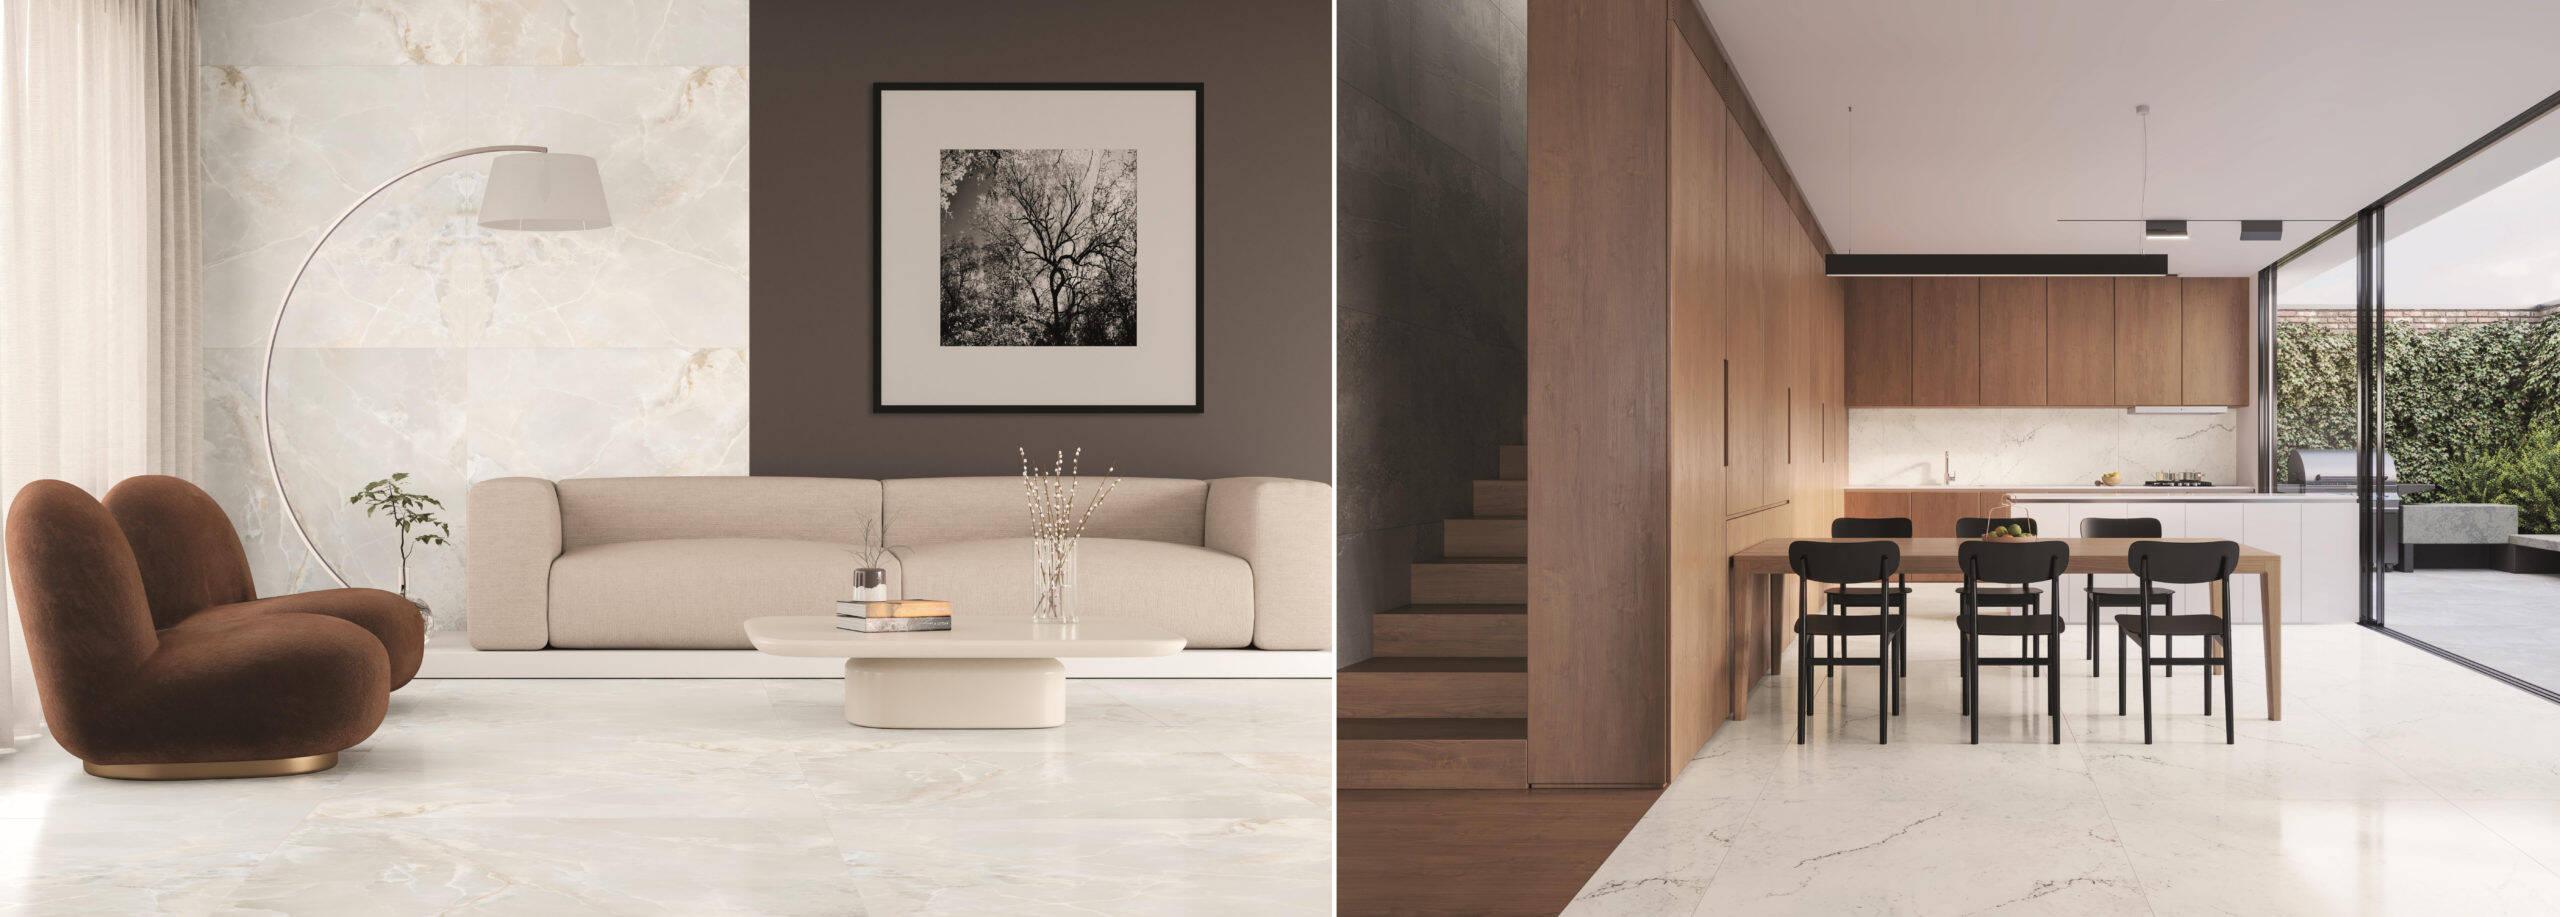 4 dicas de revestimento para ganhar amplitude em apartamentos pequenos